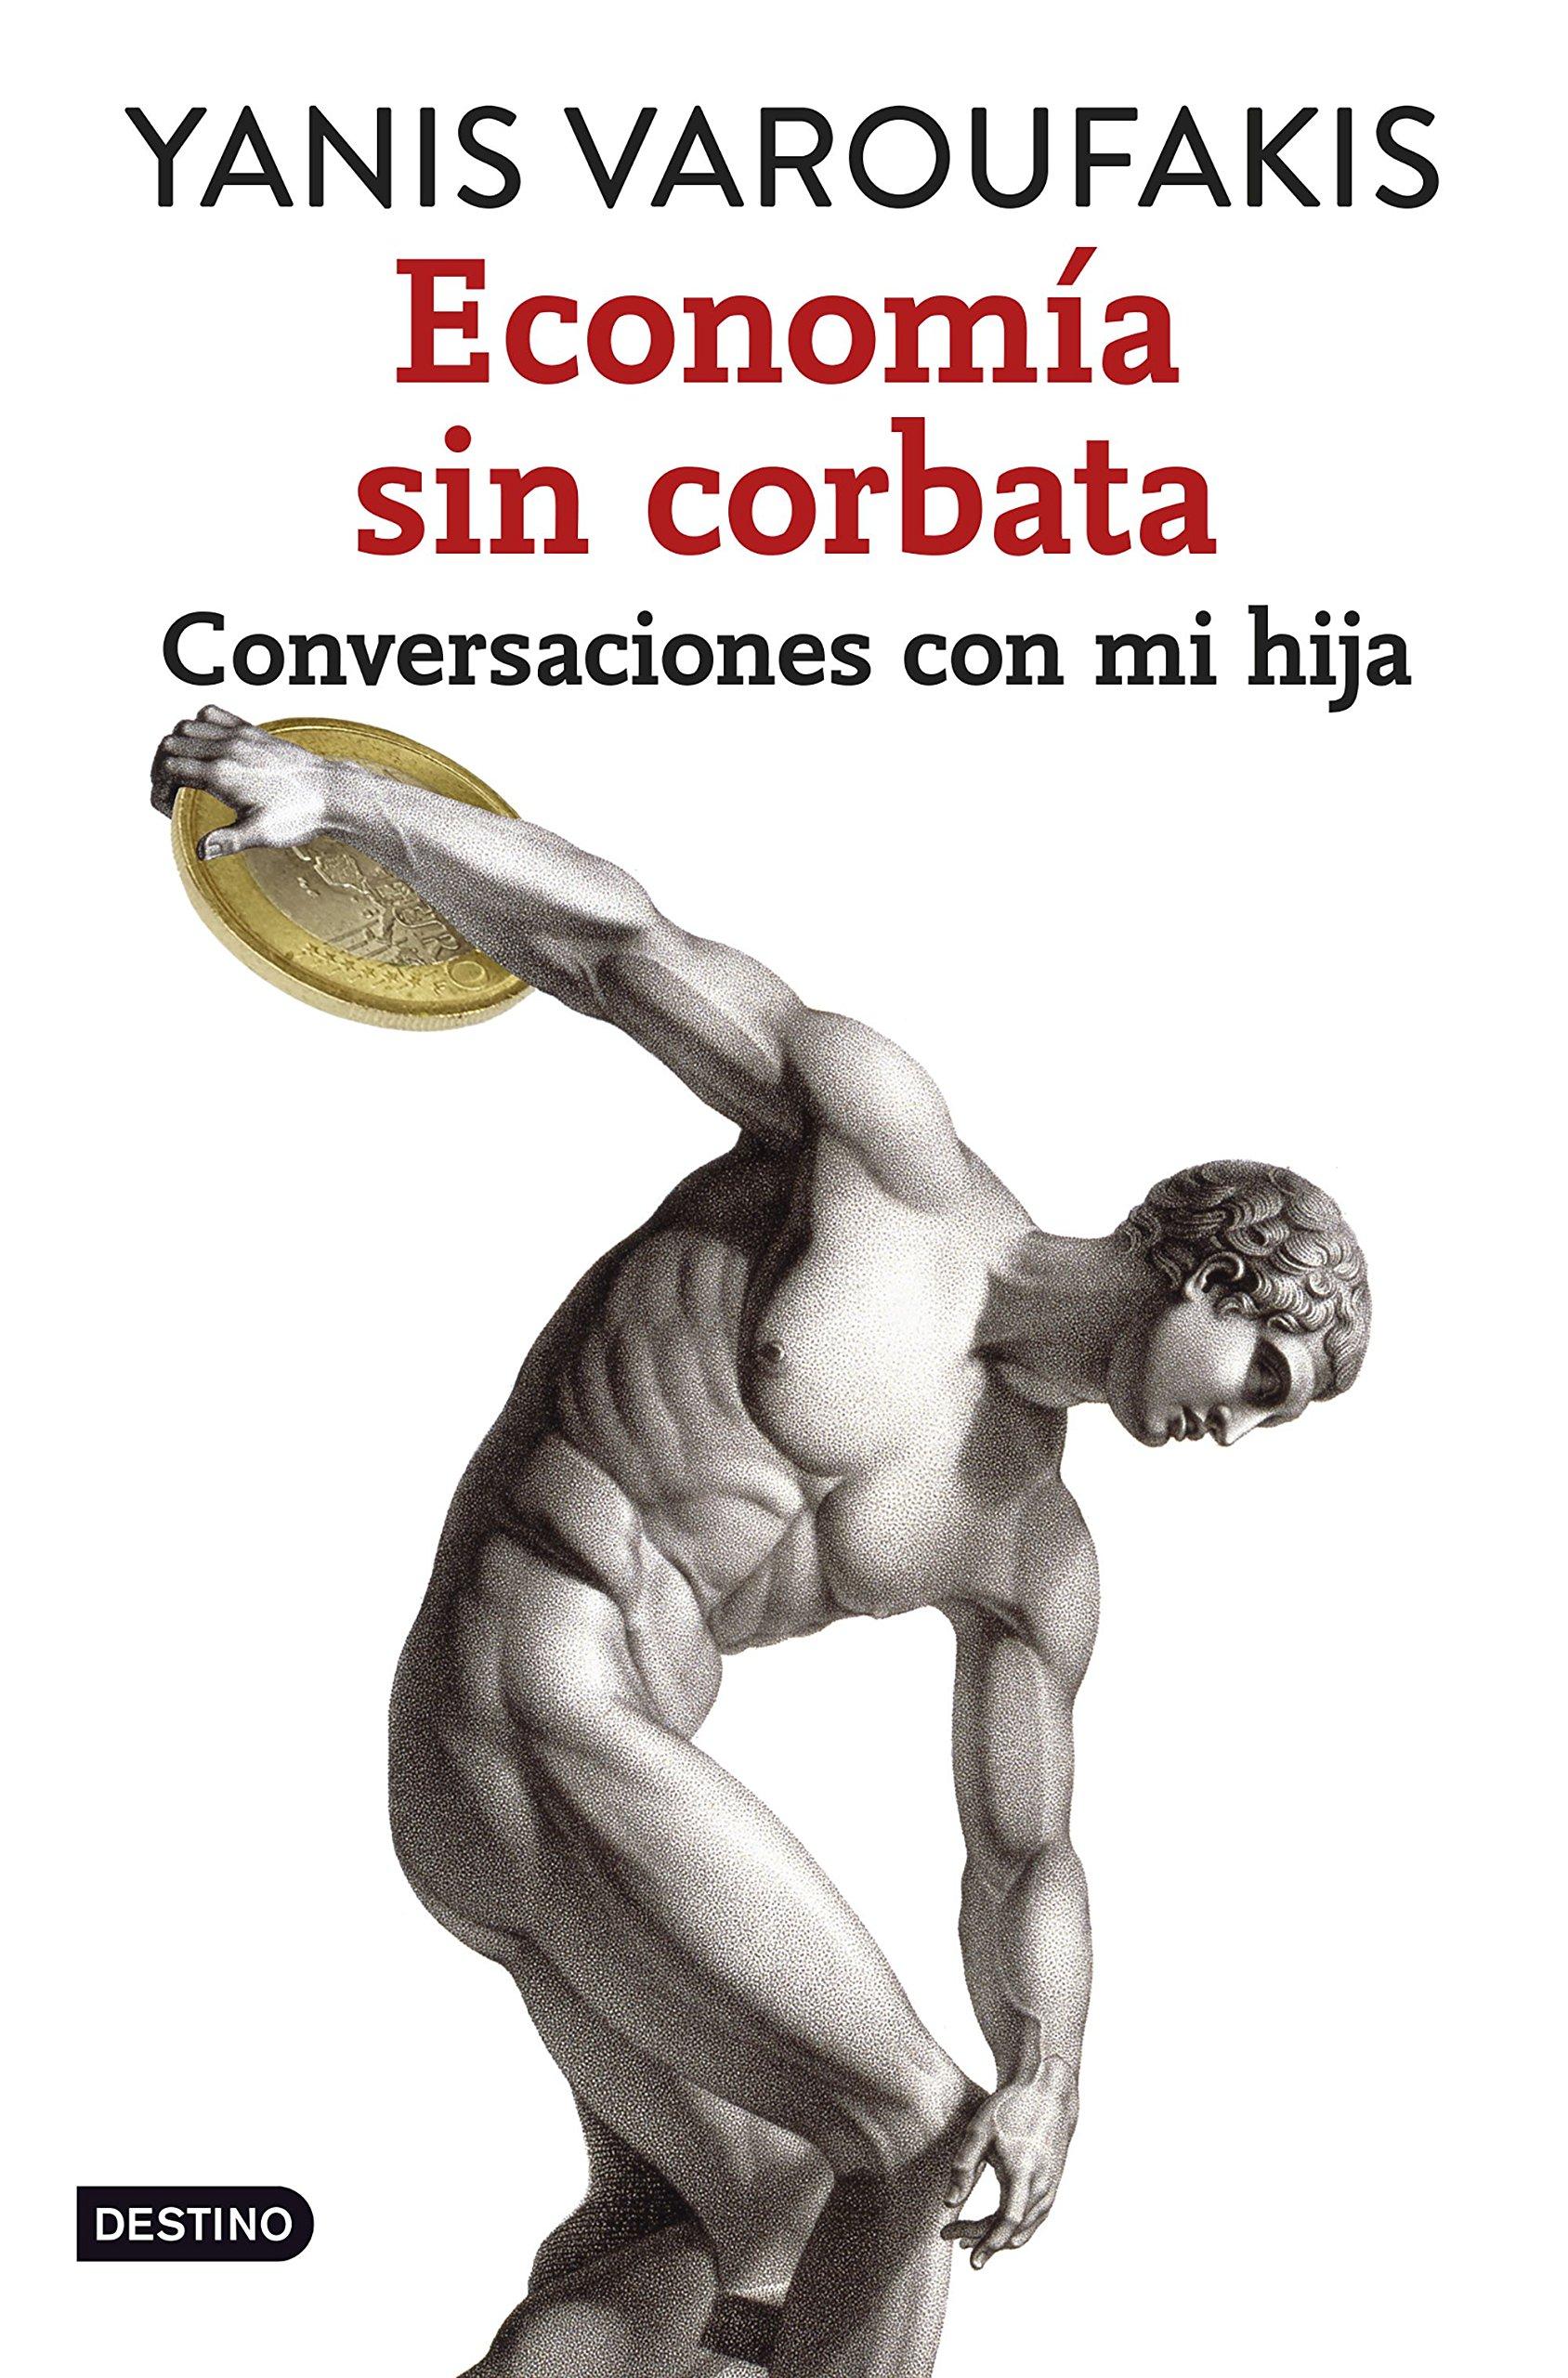 Econom�a sin corbata: Conversaciones con mi hija ISBN-13 9788408141914